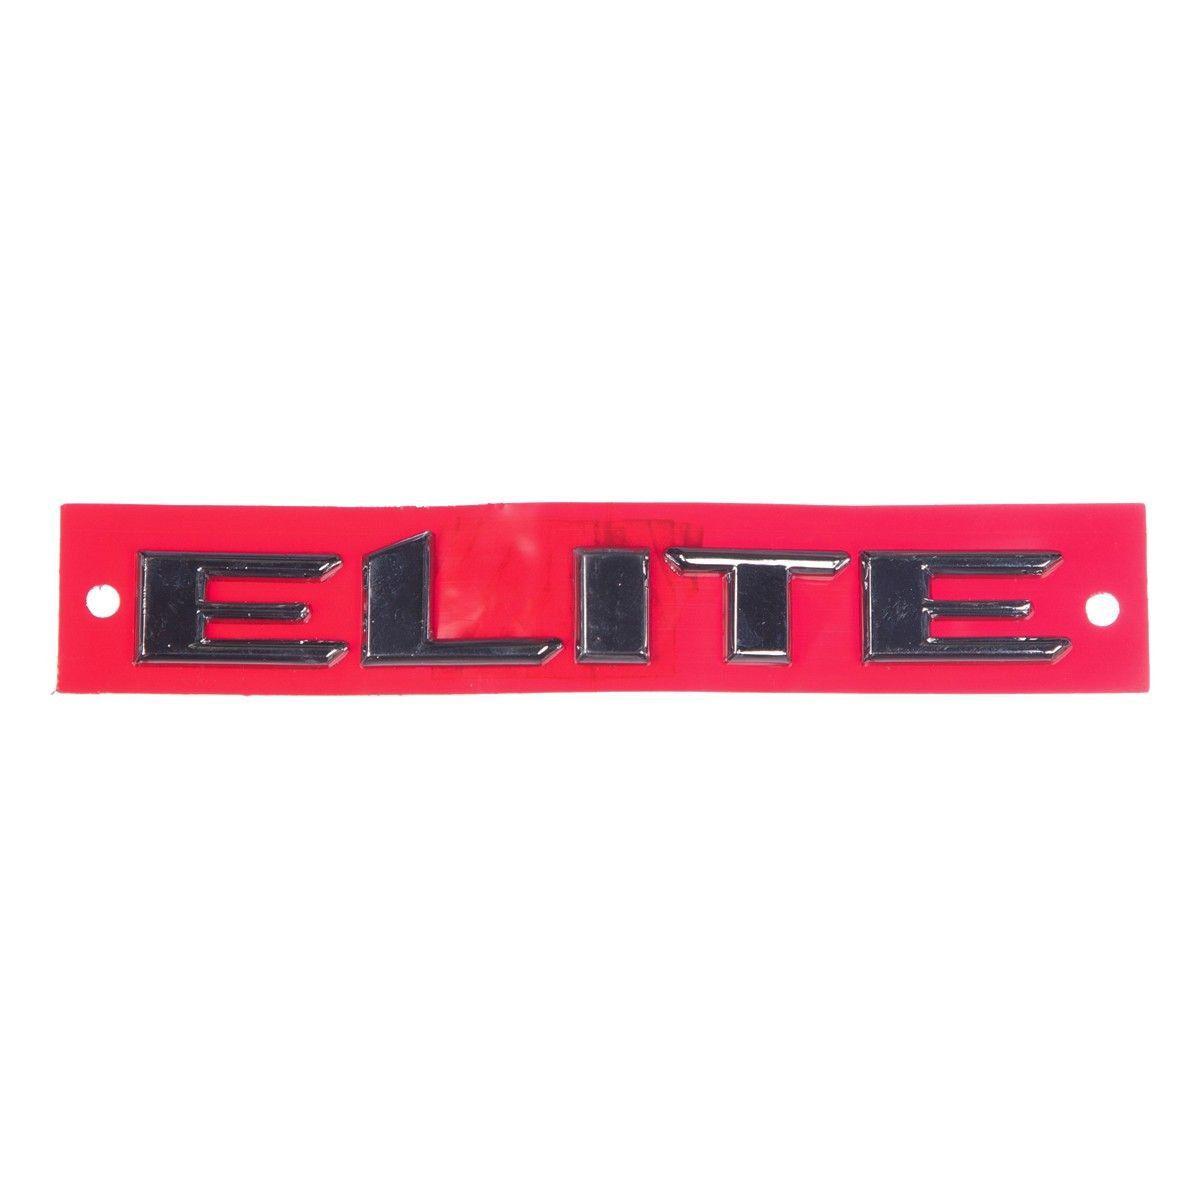 Emblema *elite* porta dianteira - Vectra novo 2006 a 2011